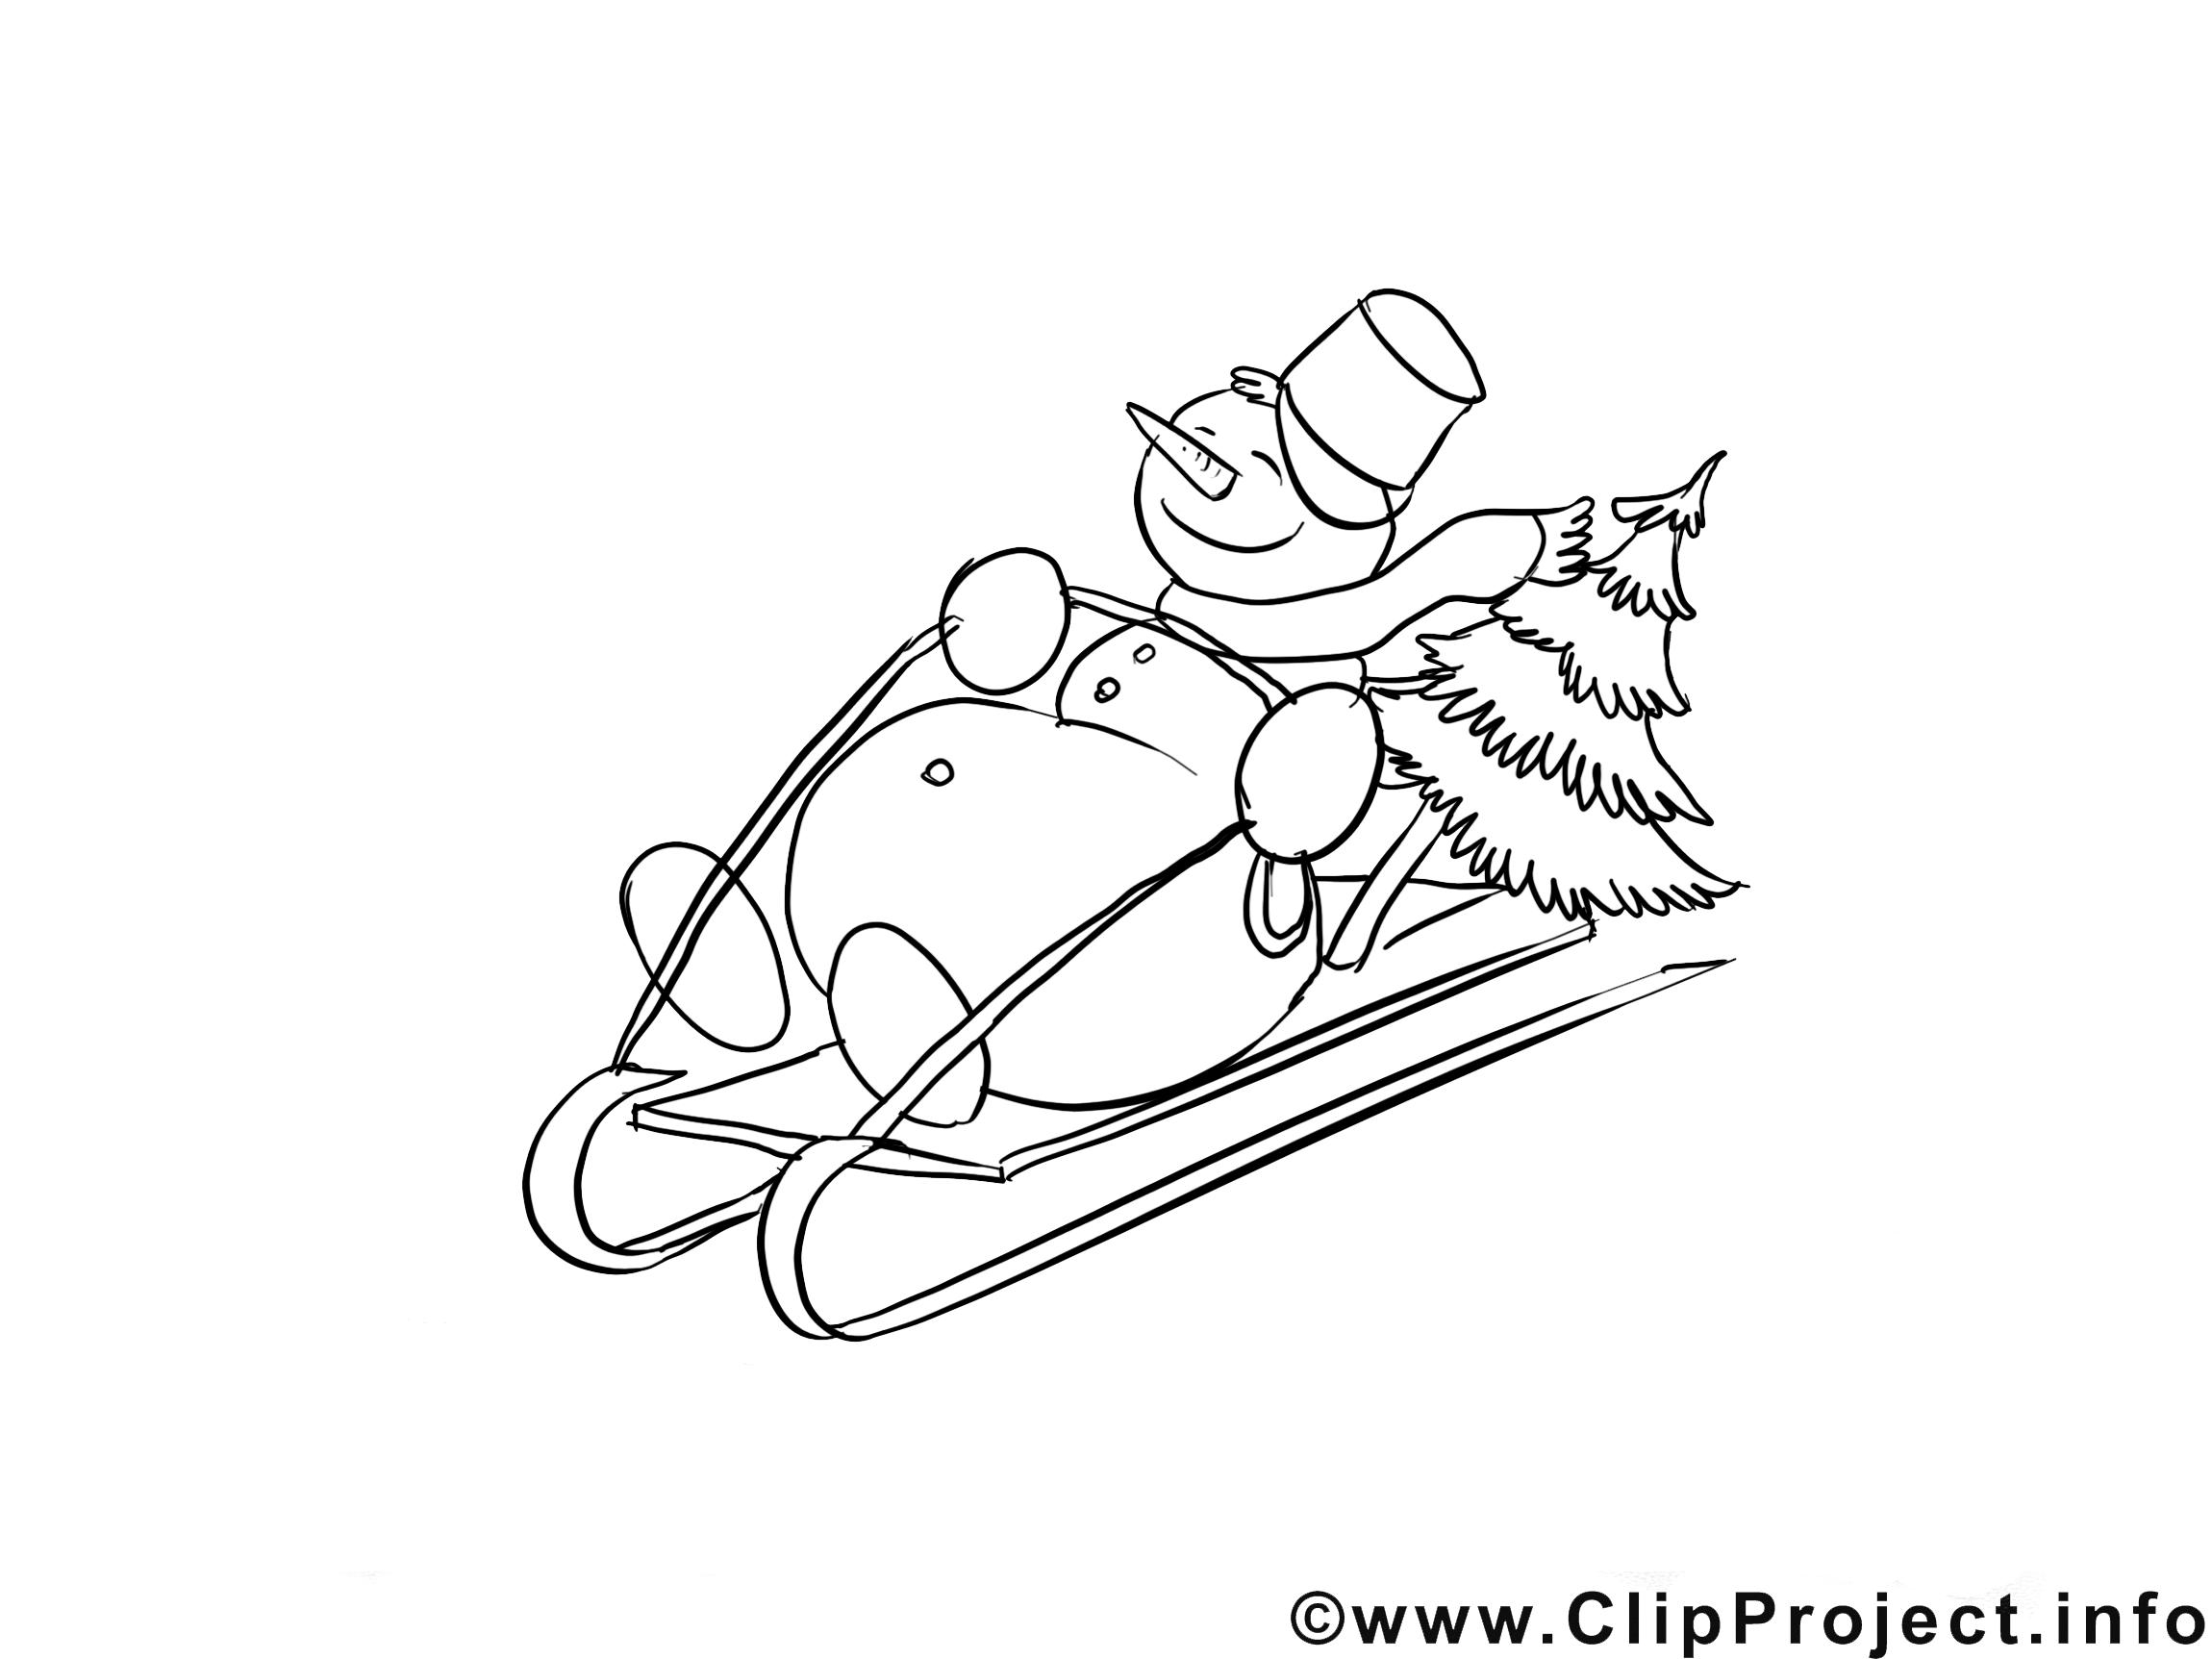 Bonhomme de neige illustration – Hiver à colorier